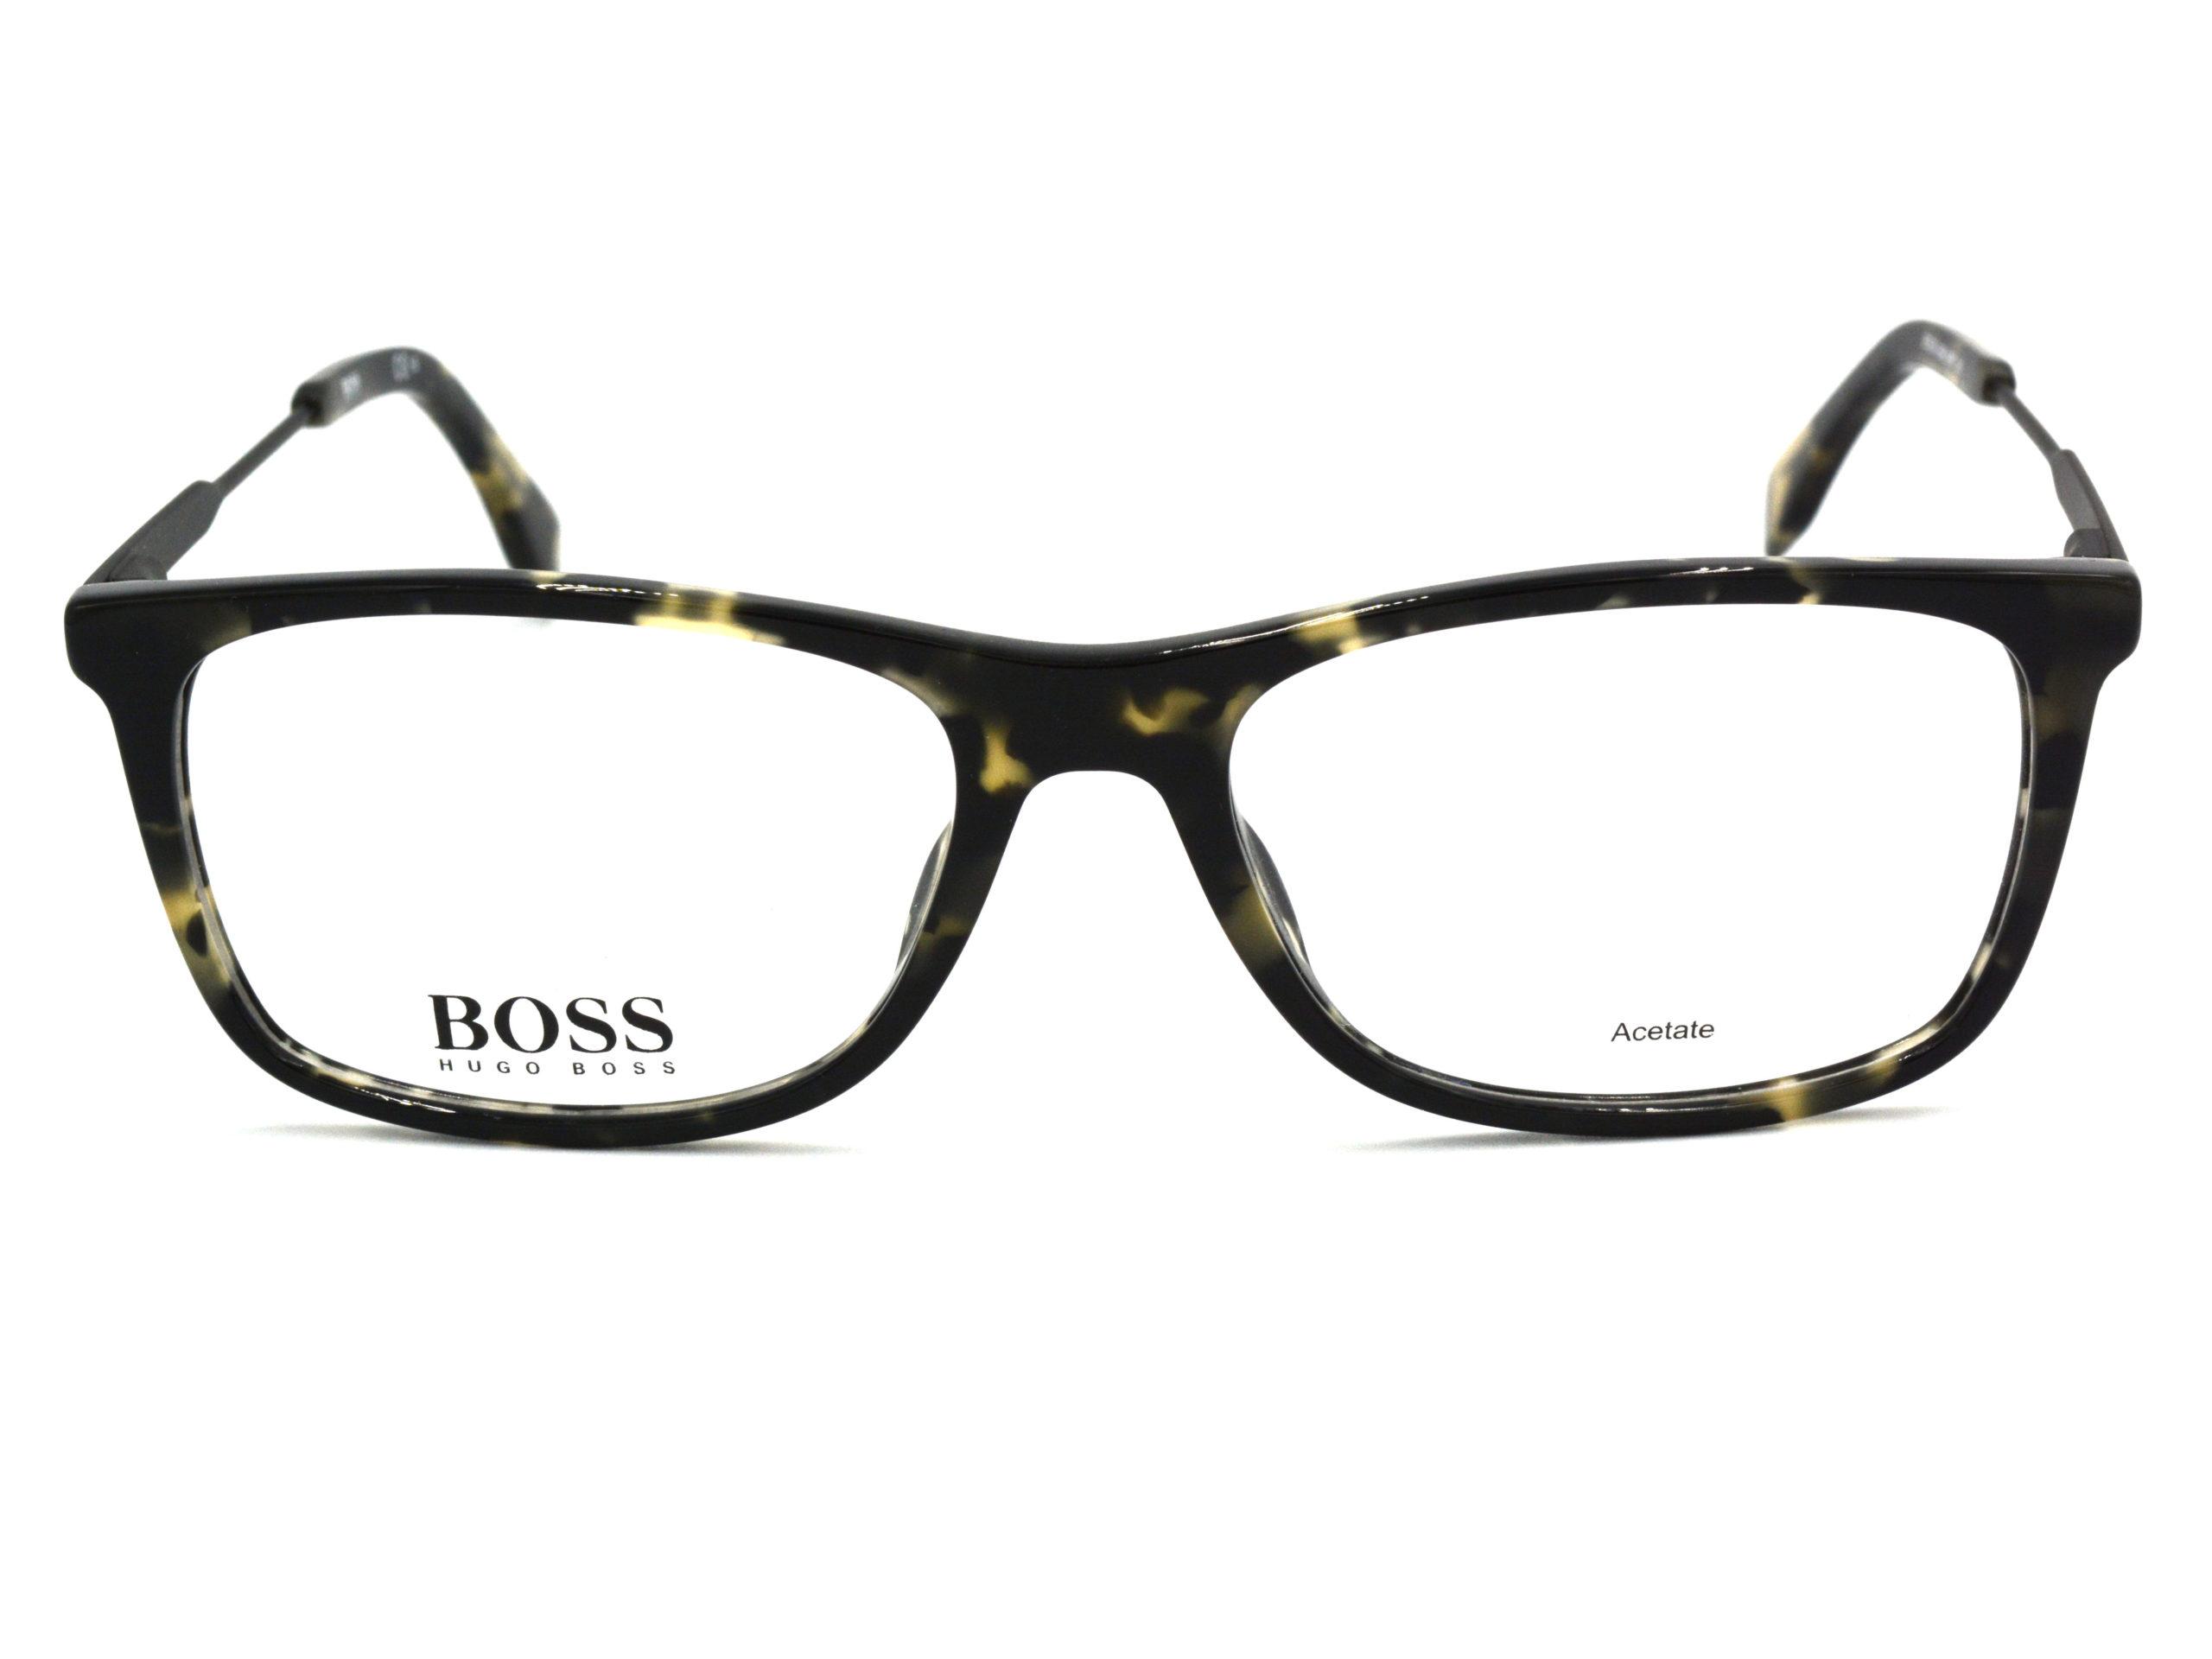 Γυαλιά οράσεως HUGO BOSS 0996 WR7 145 Πειραιάς